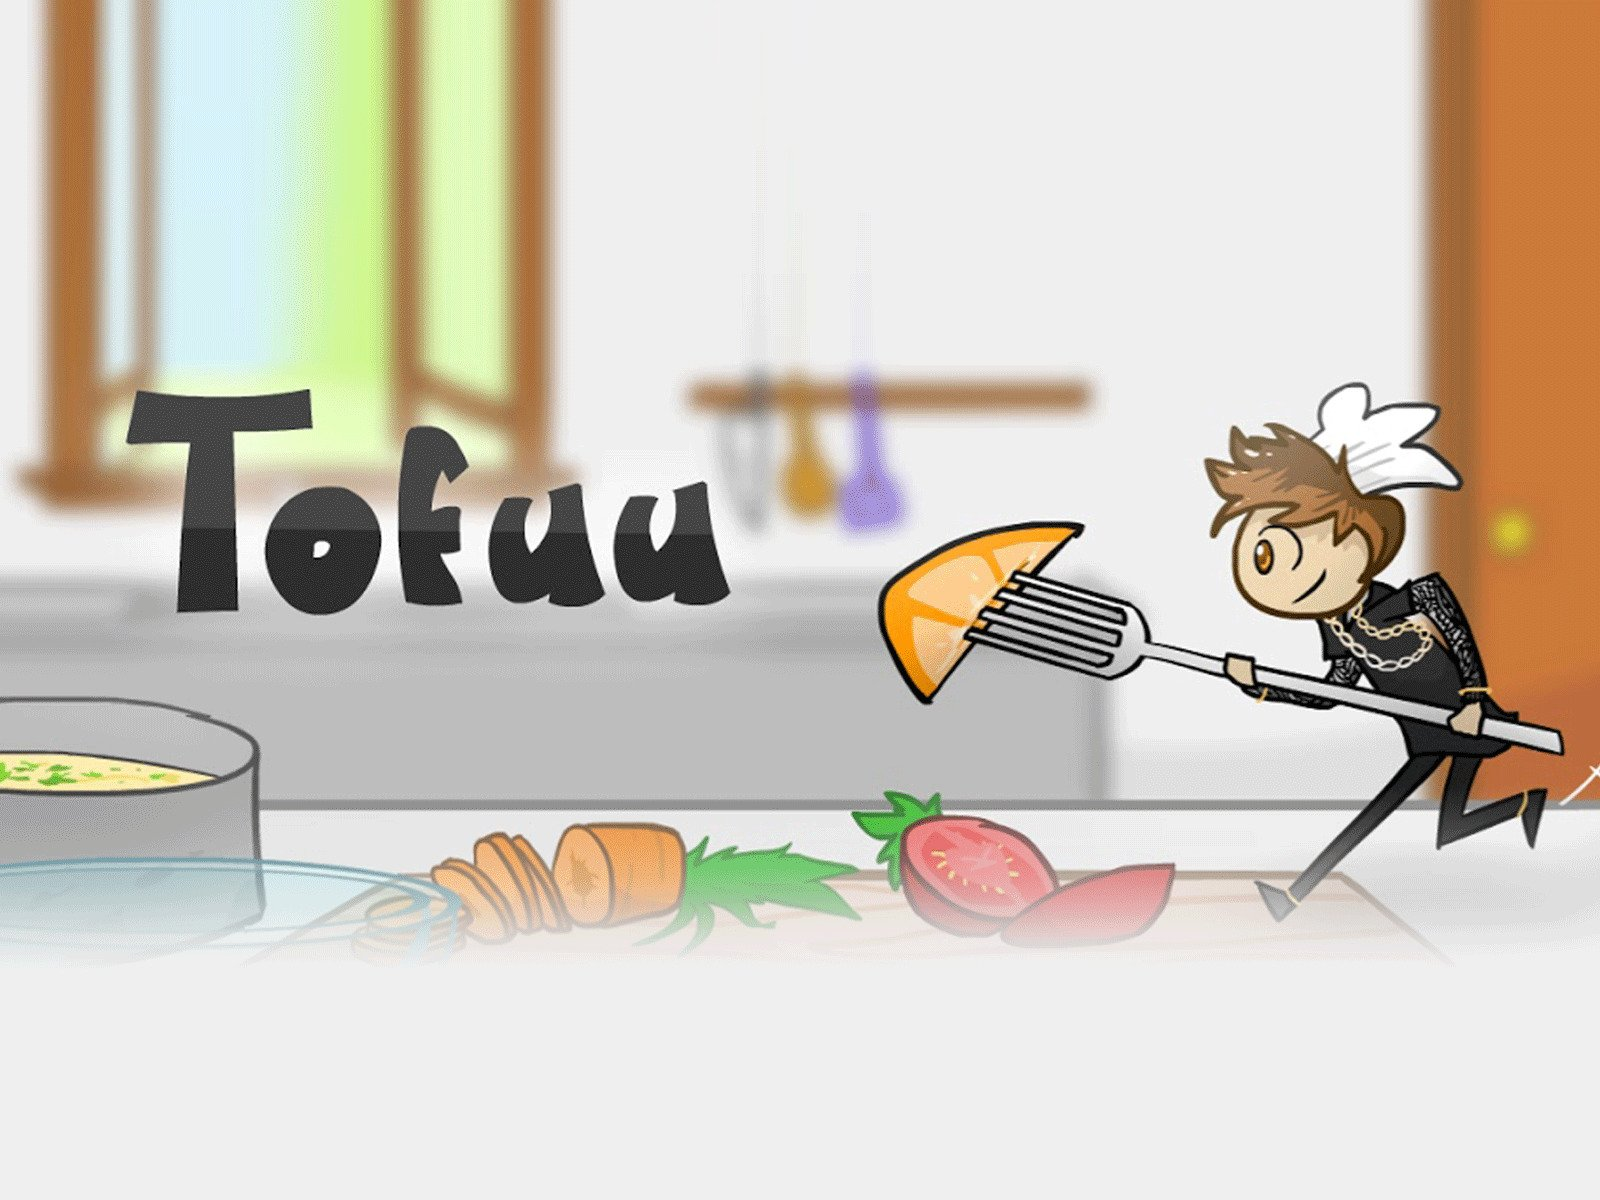 Clip: Tofuu - Season 21